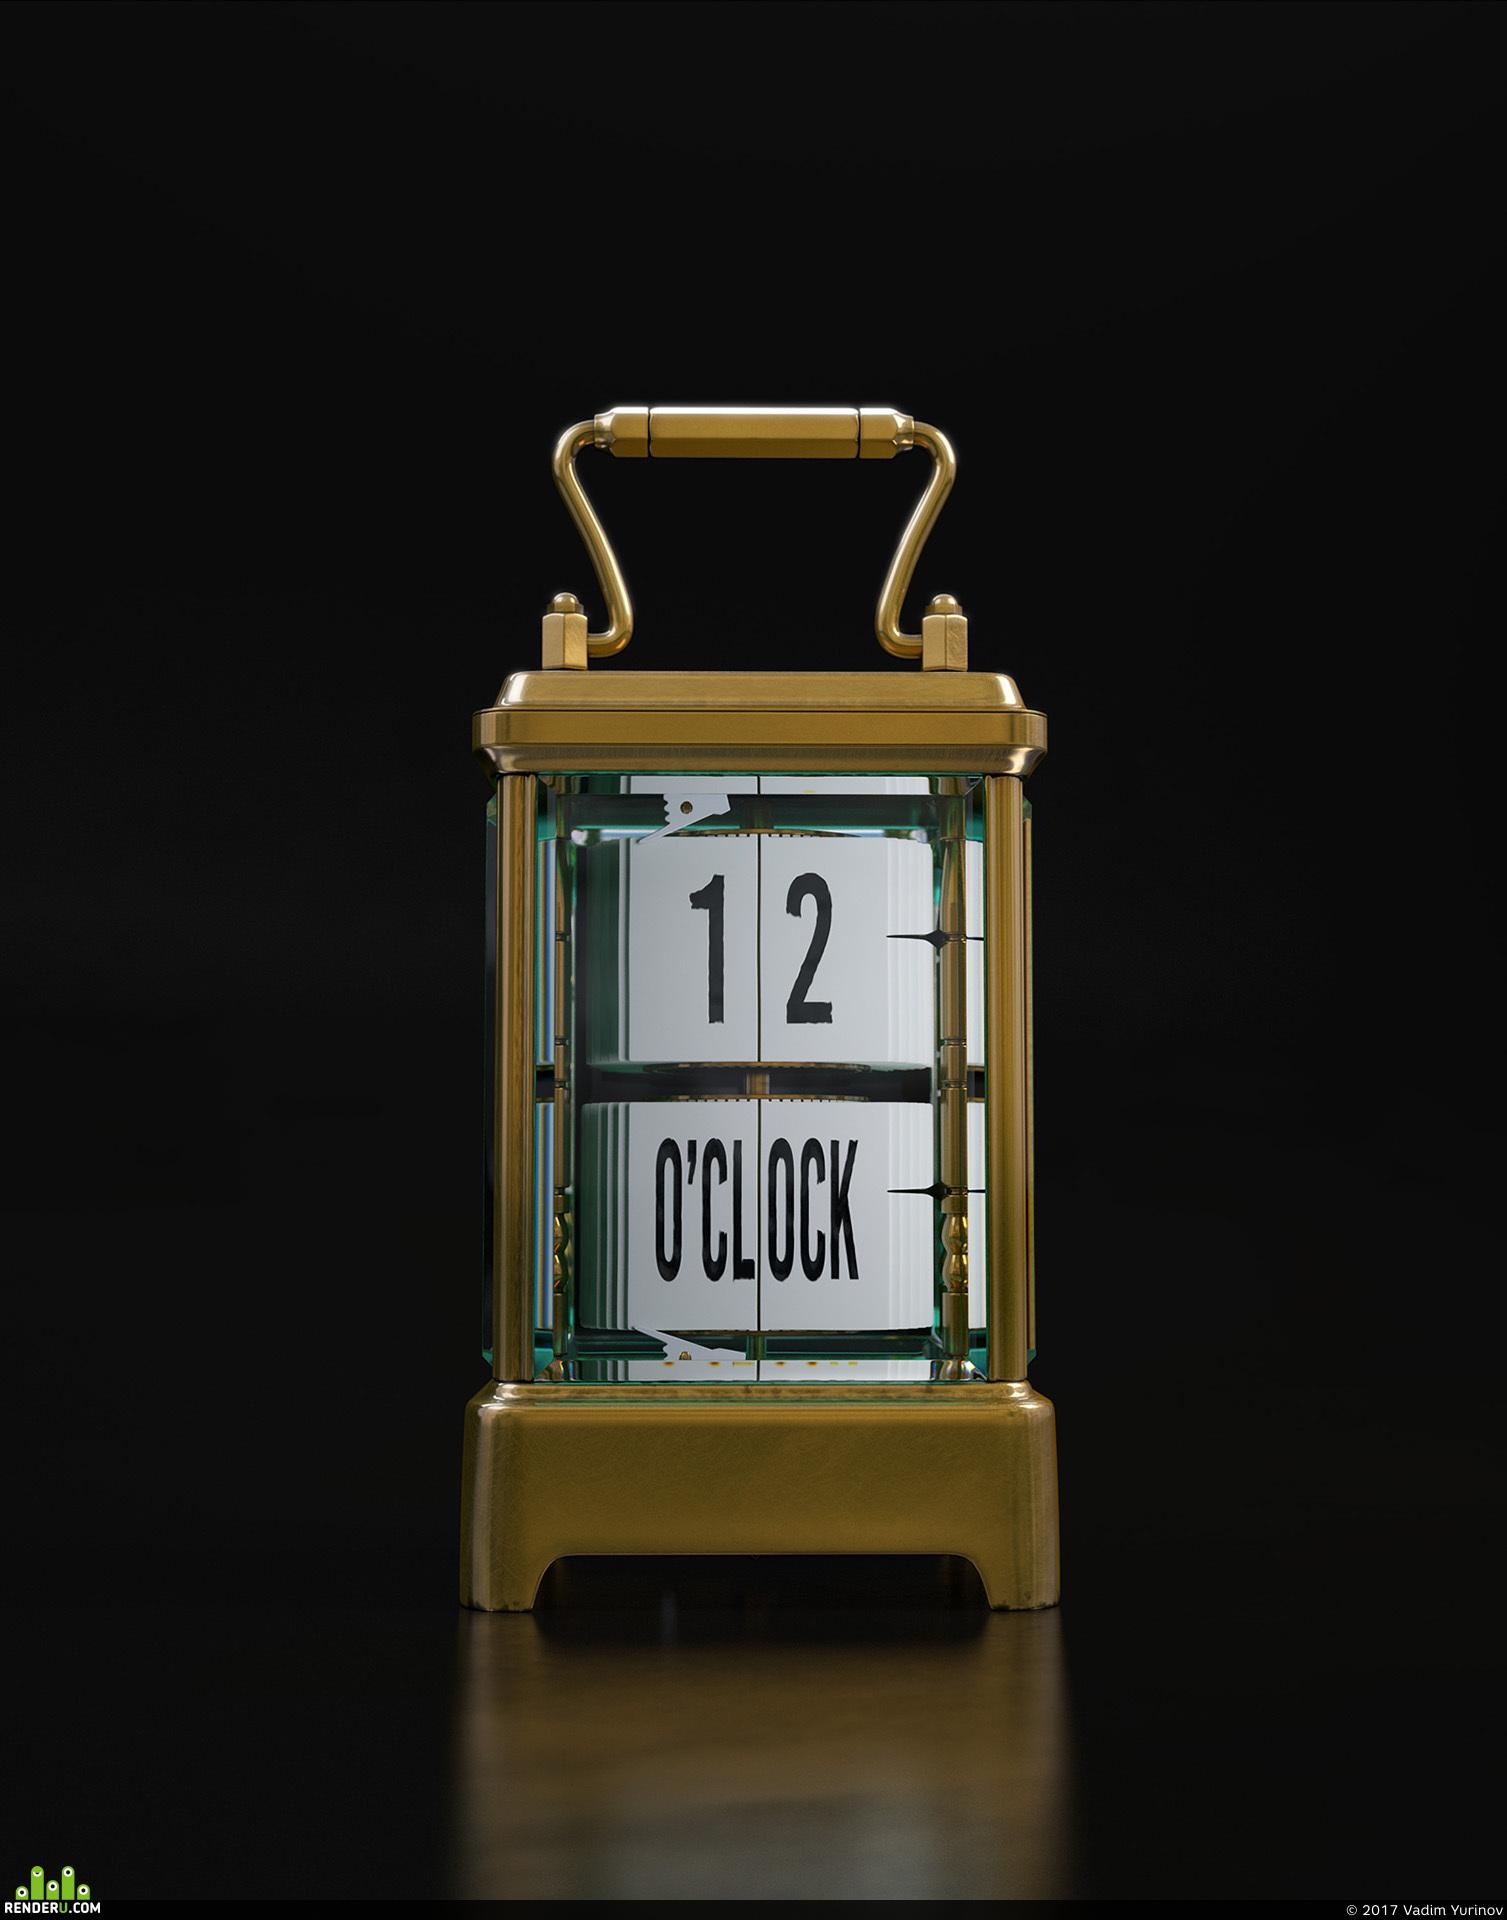 preview The Plato clock